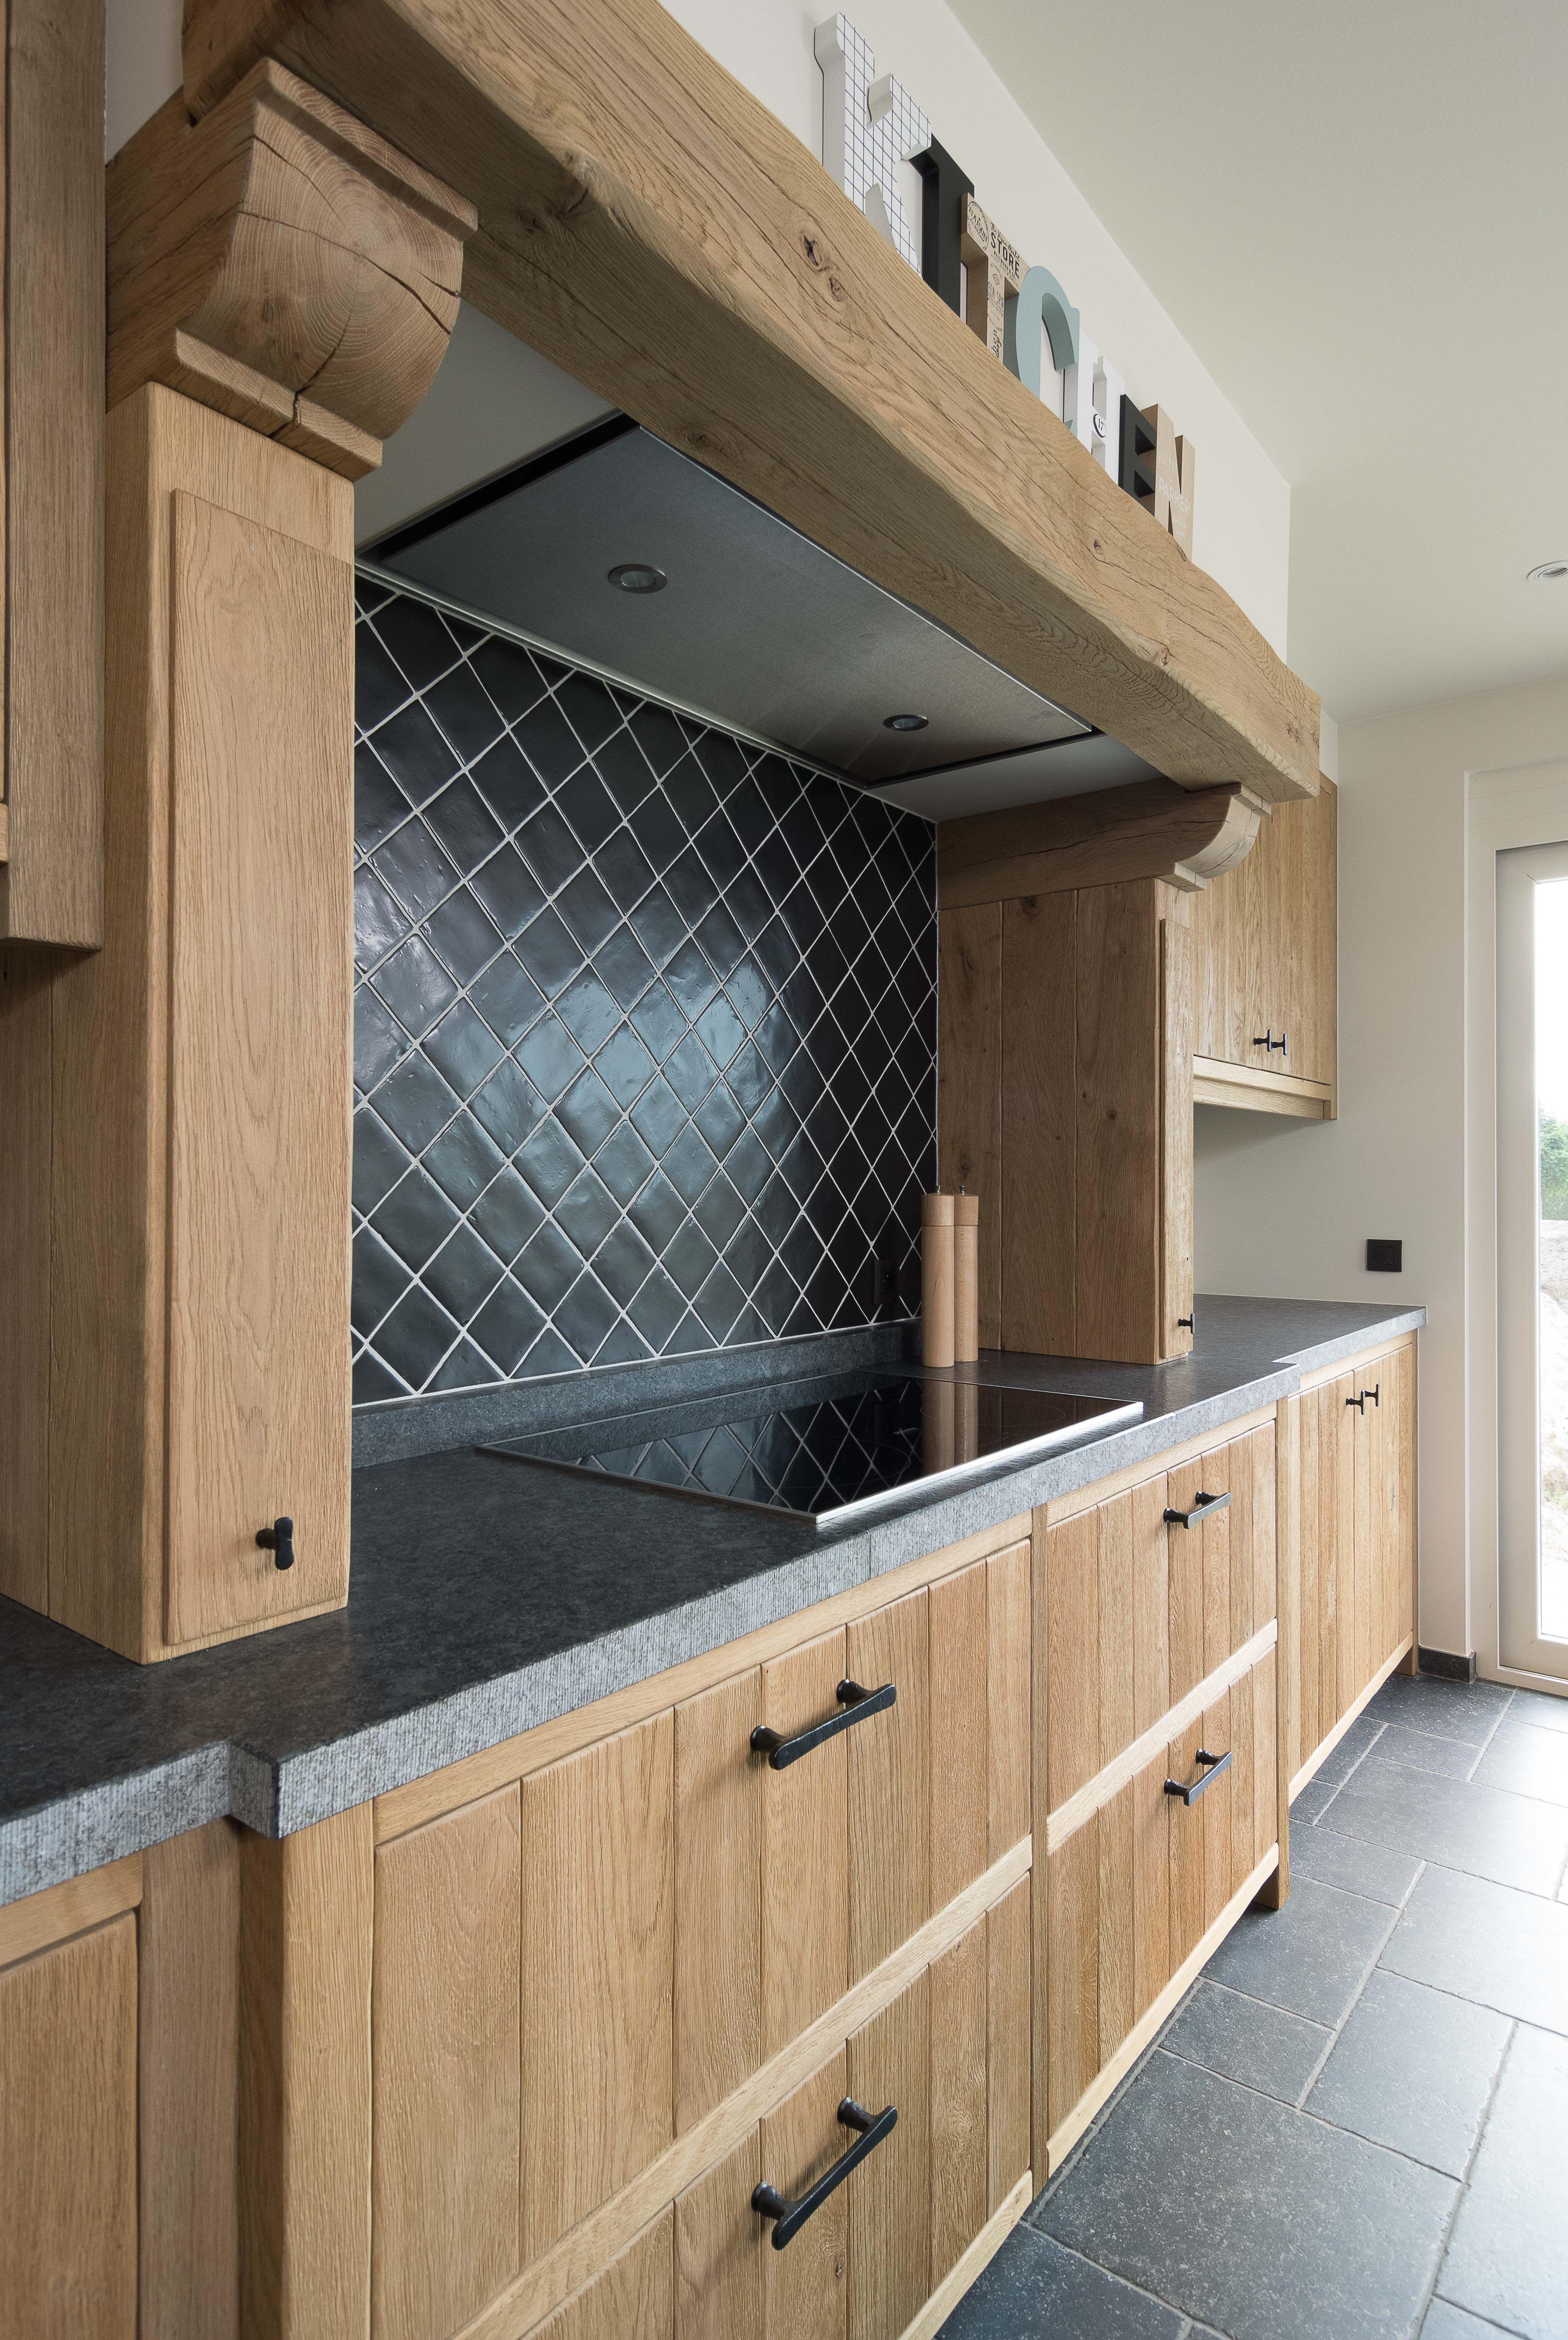 Ongebruikt Eiken keukens - massieve houten keukens (met afbeeldingen) | Eiken AC-13